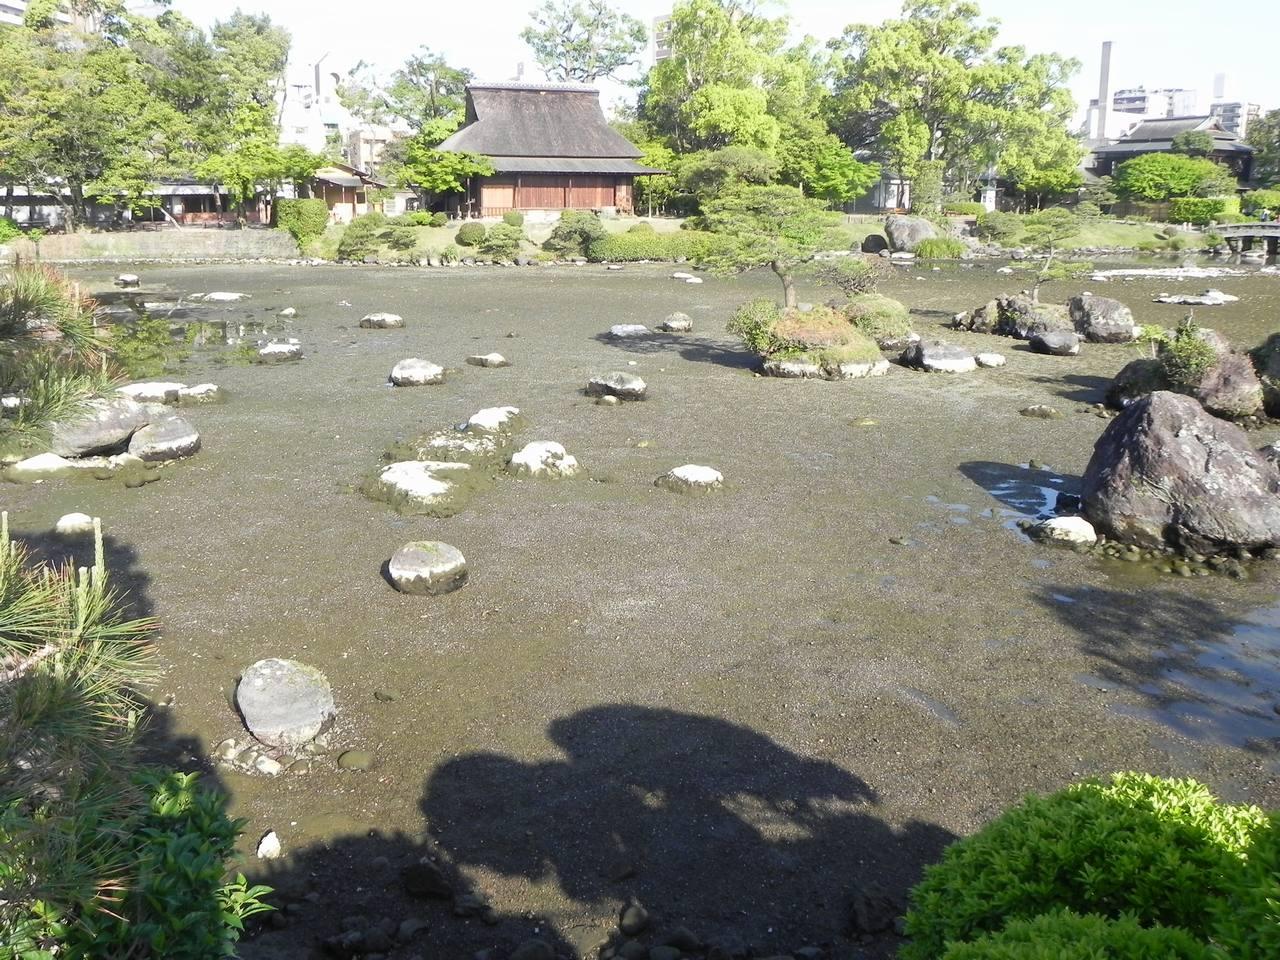 [熊本地震 水前寺成趣園 復興緊急支援募金]の画像